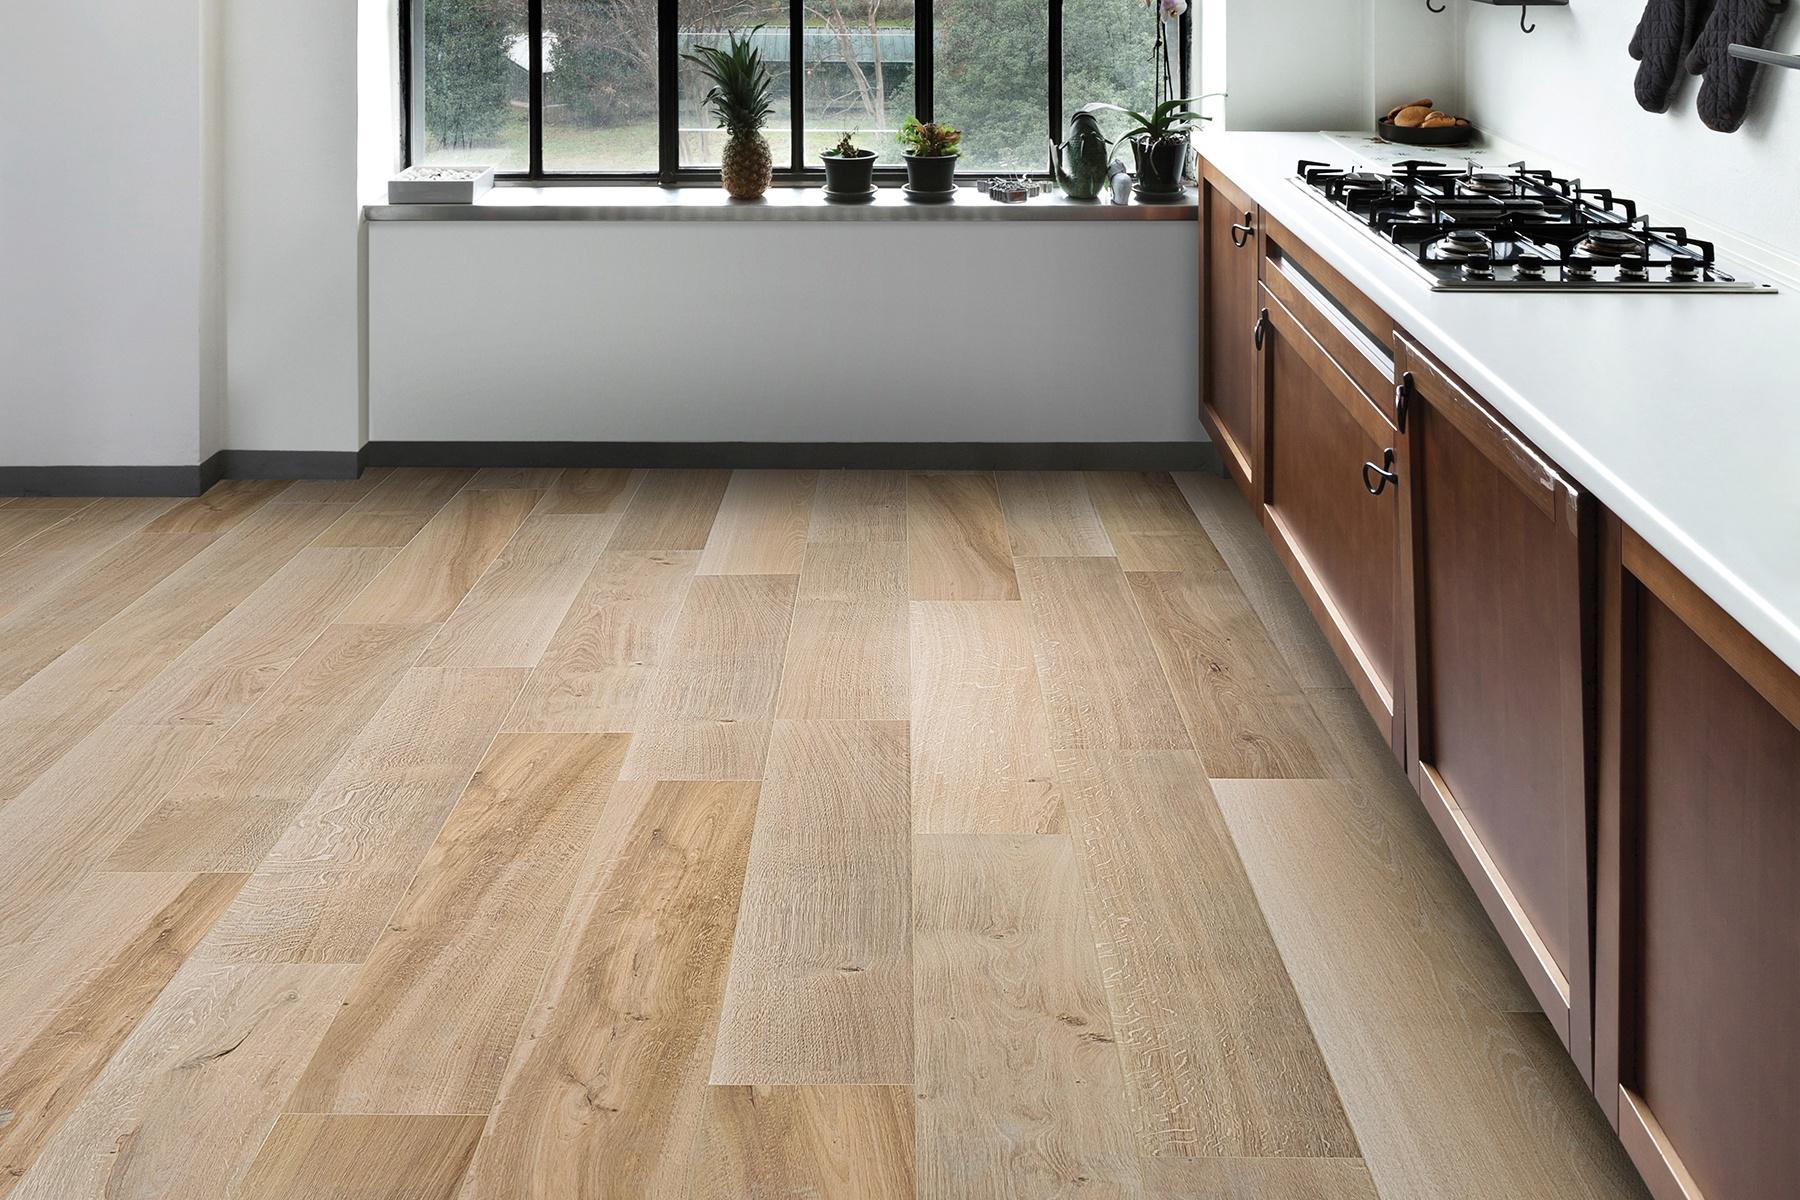 Waterproof Pvc Laminate Flooring Water Resistant Flooring Lvt